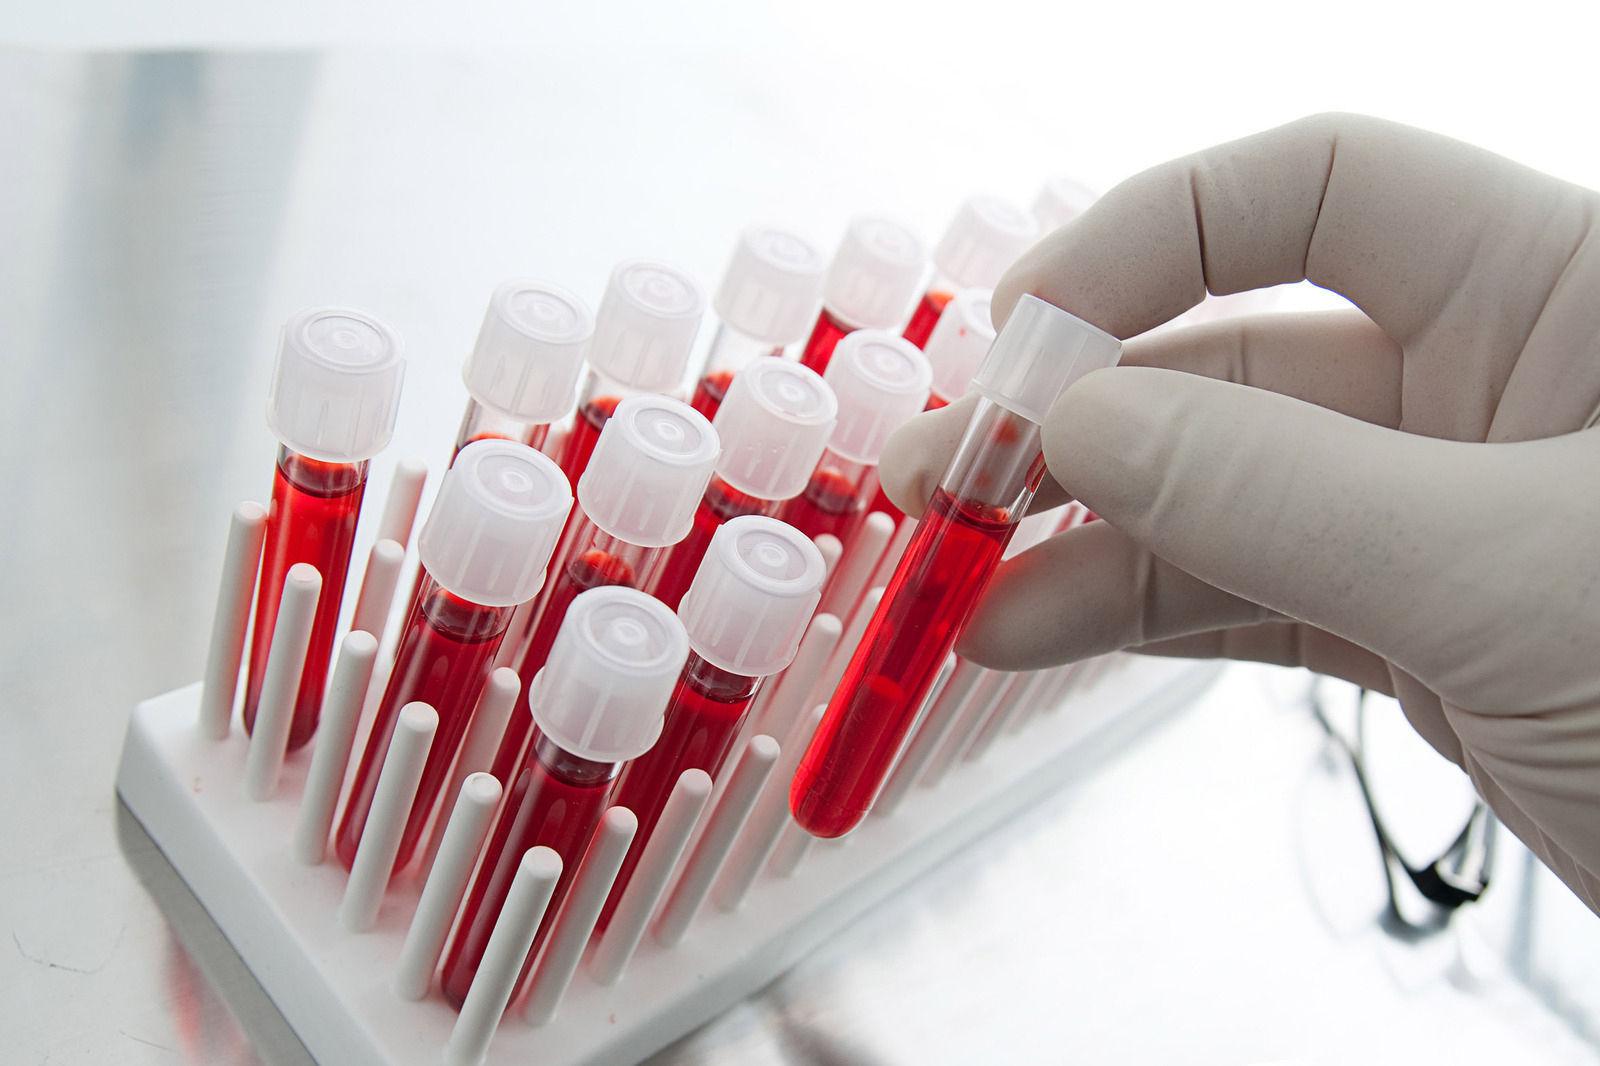 ХДХВ/ДОХ-ын дахин ГУРВАН тохиолдол бүртгэгджээ